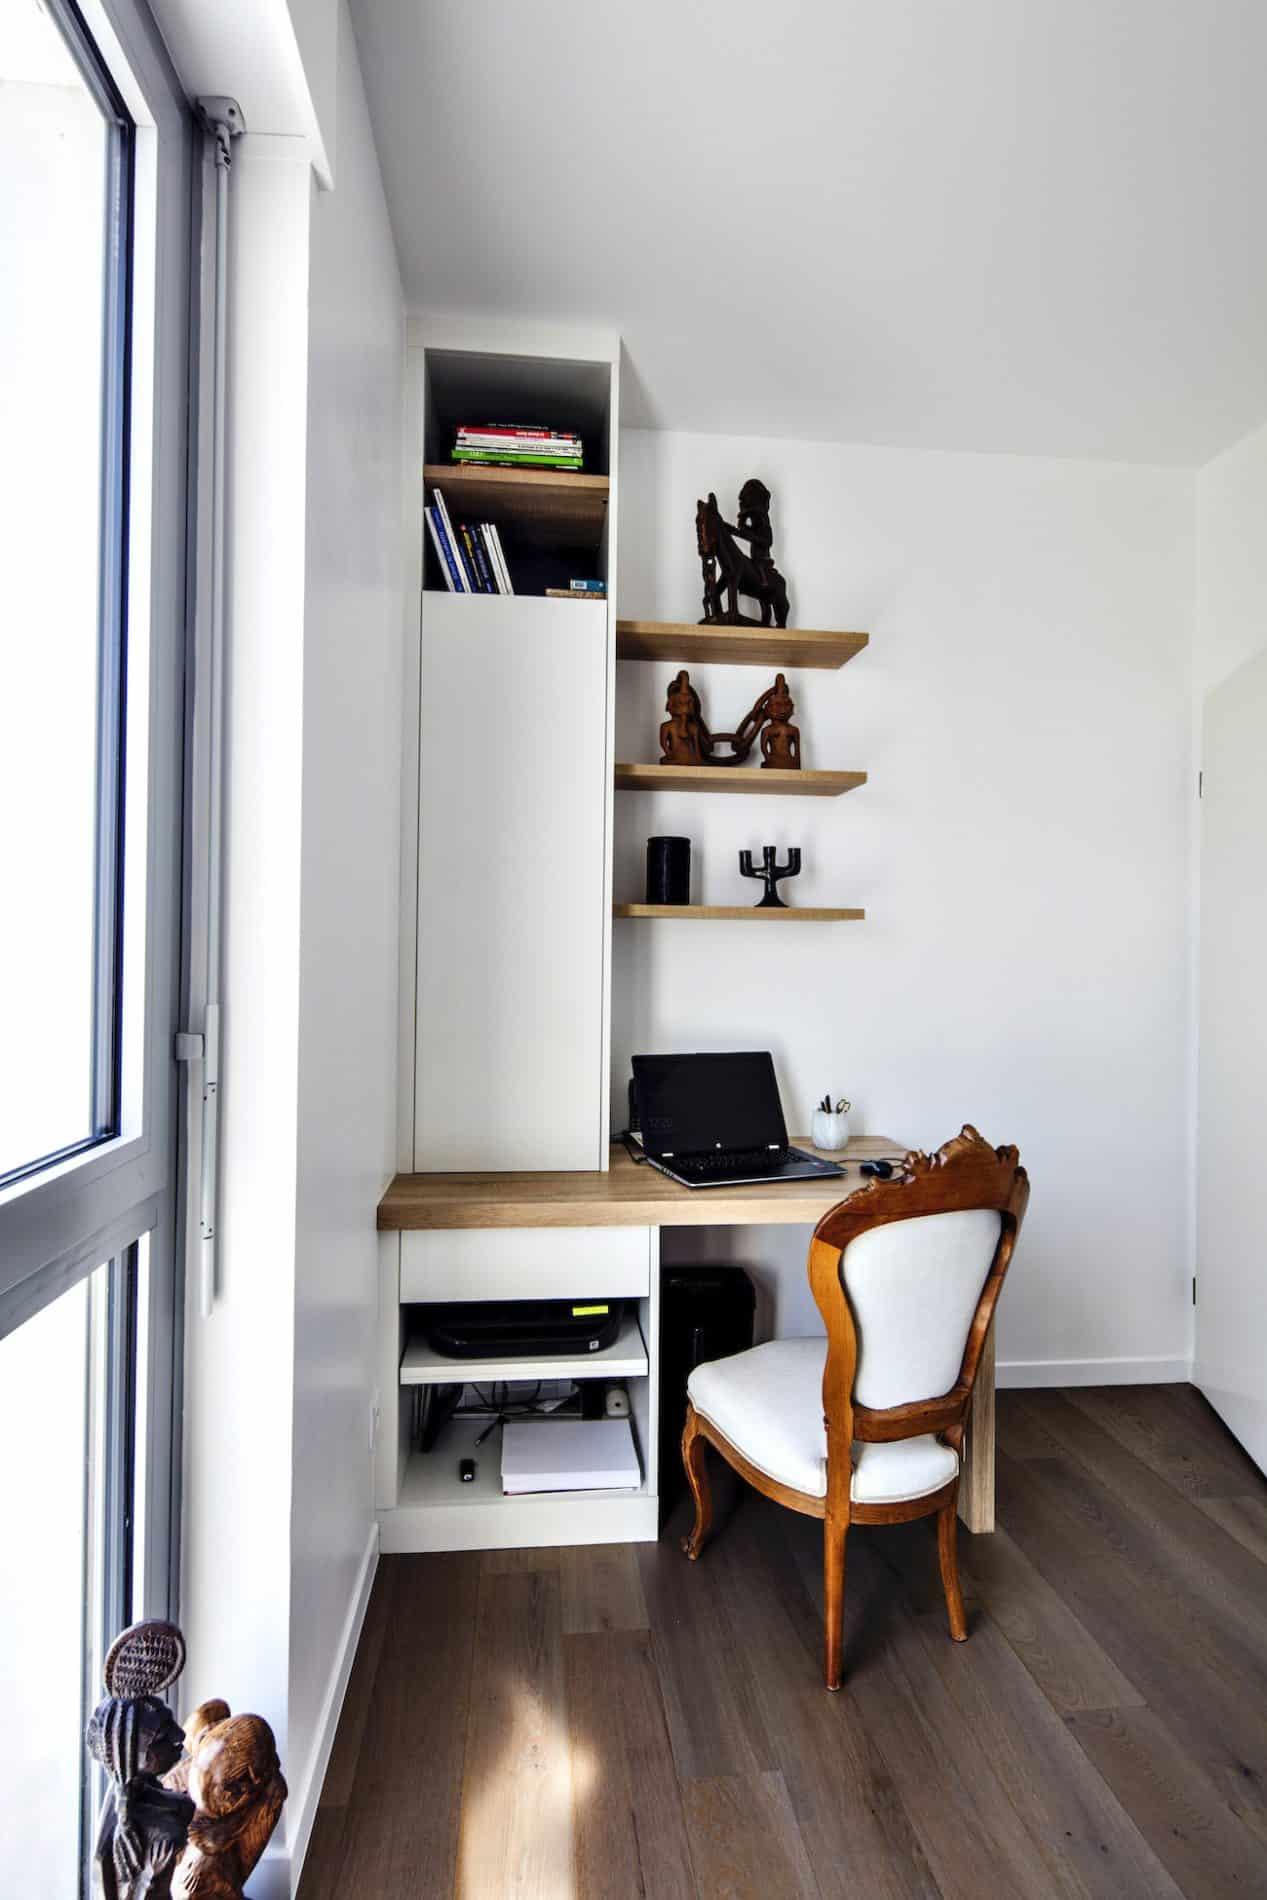 bureau bois et blanc avec étagères et placard semi-ouvert vue de face